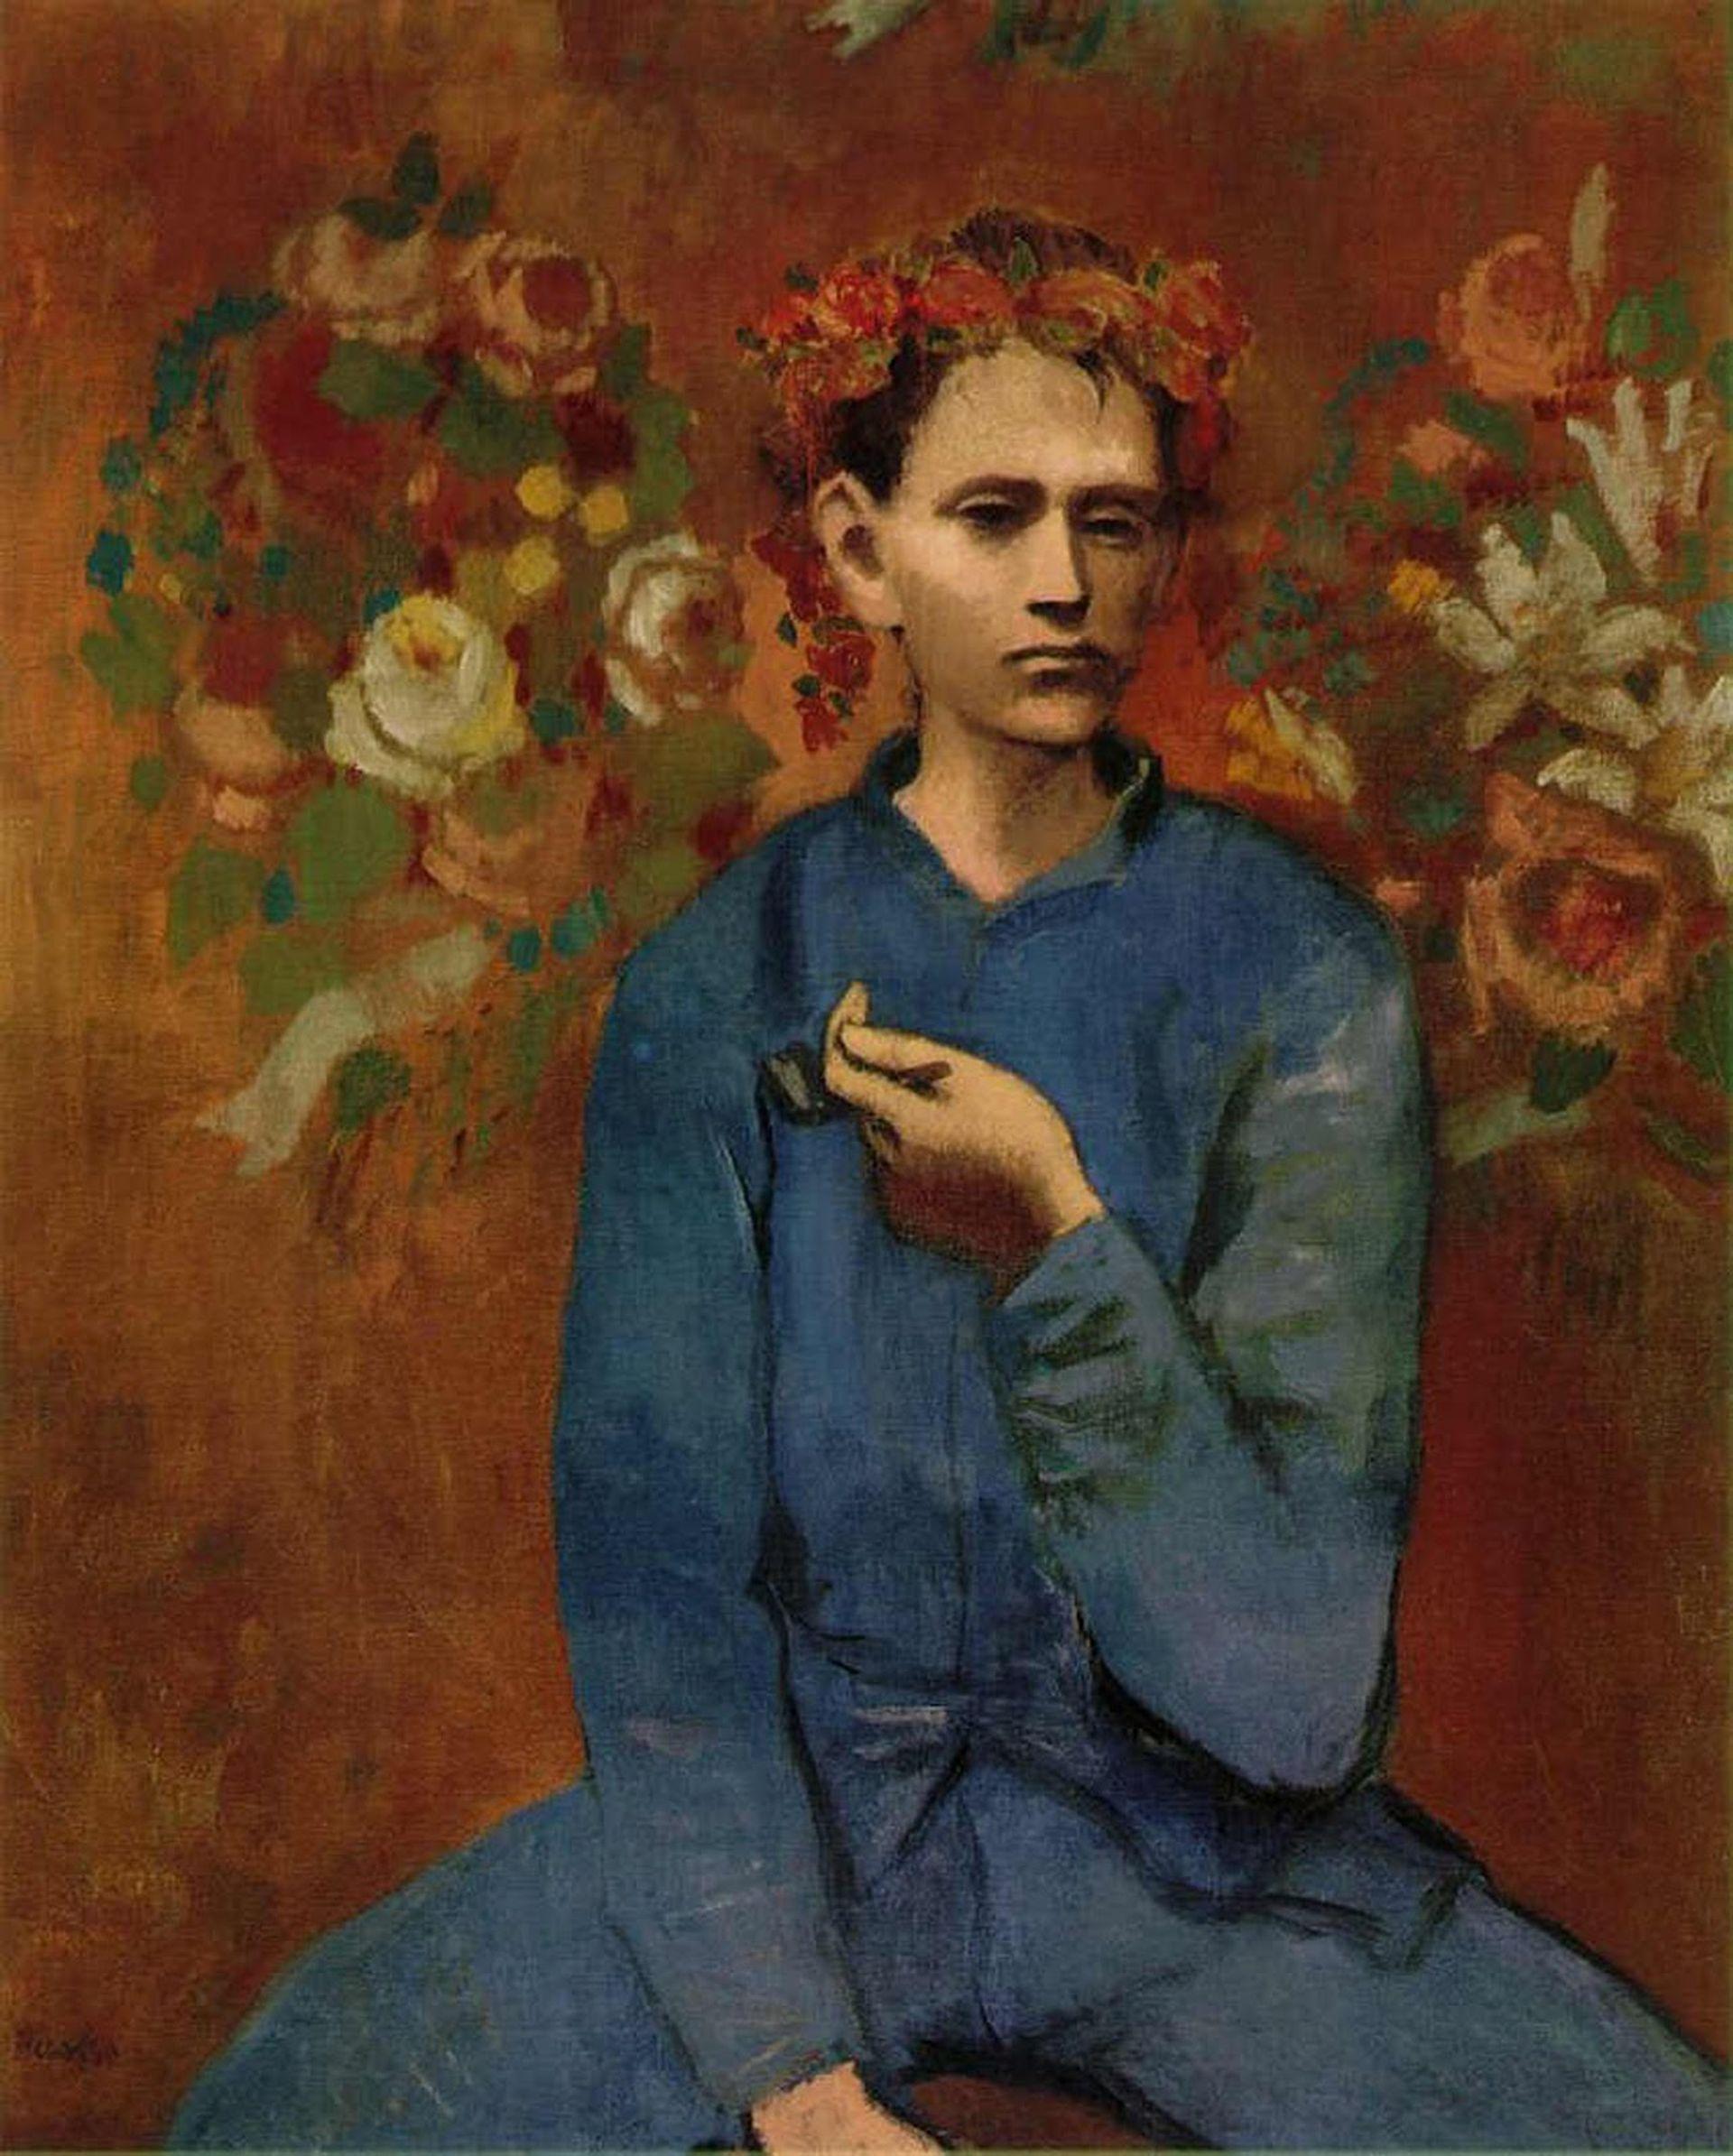 Pablo Picasso, Garçon à la Pipe (Boy with a Pipe) (1905)